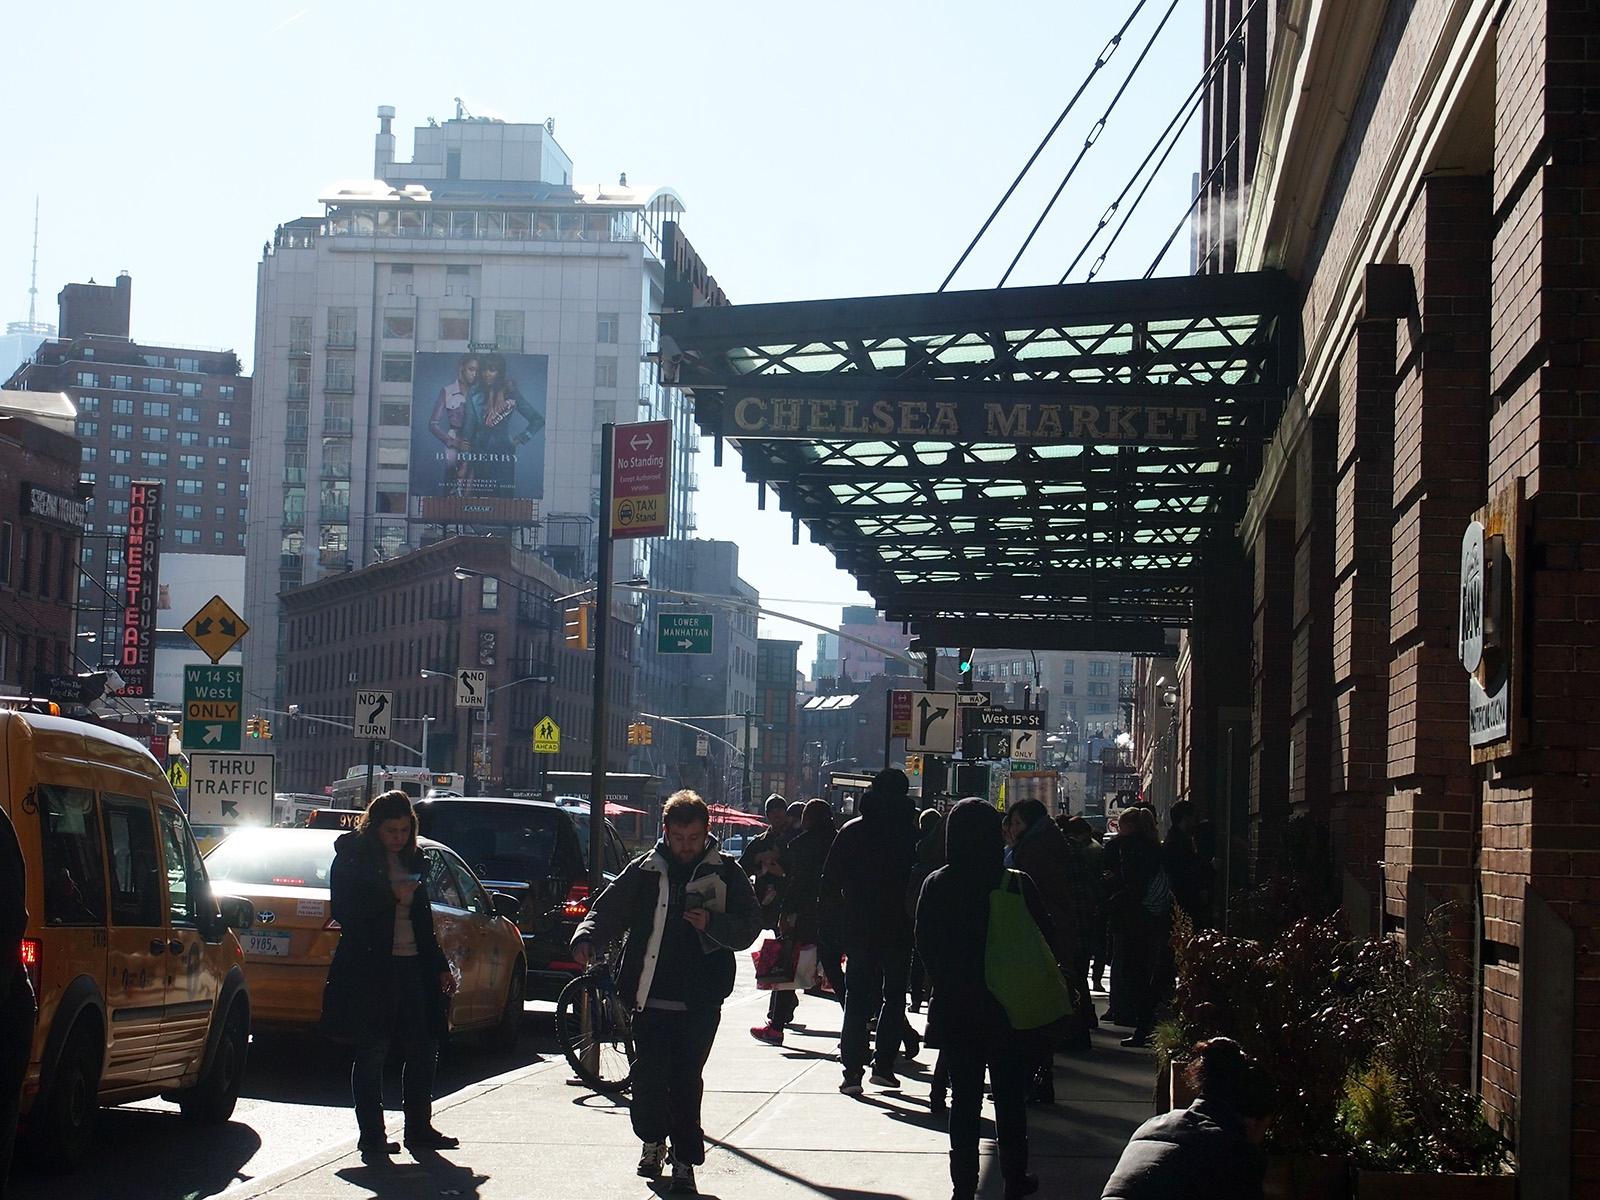 Hlavní vstup do Chelsea Market